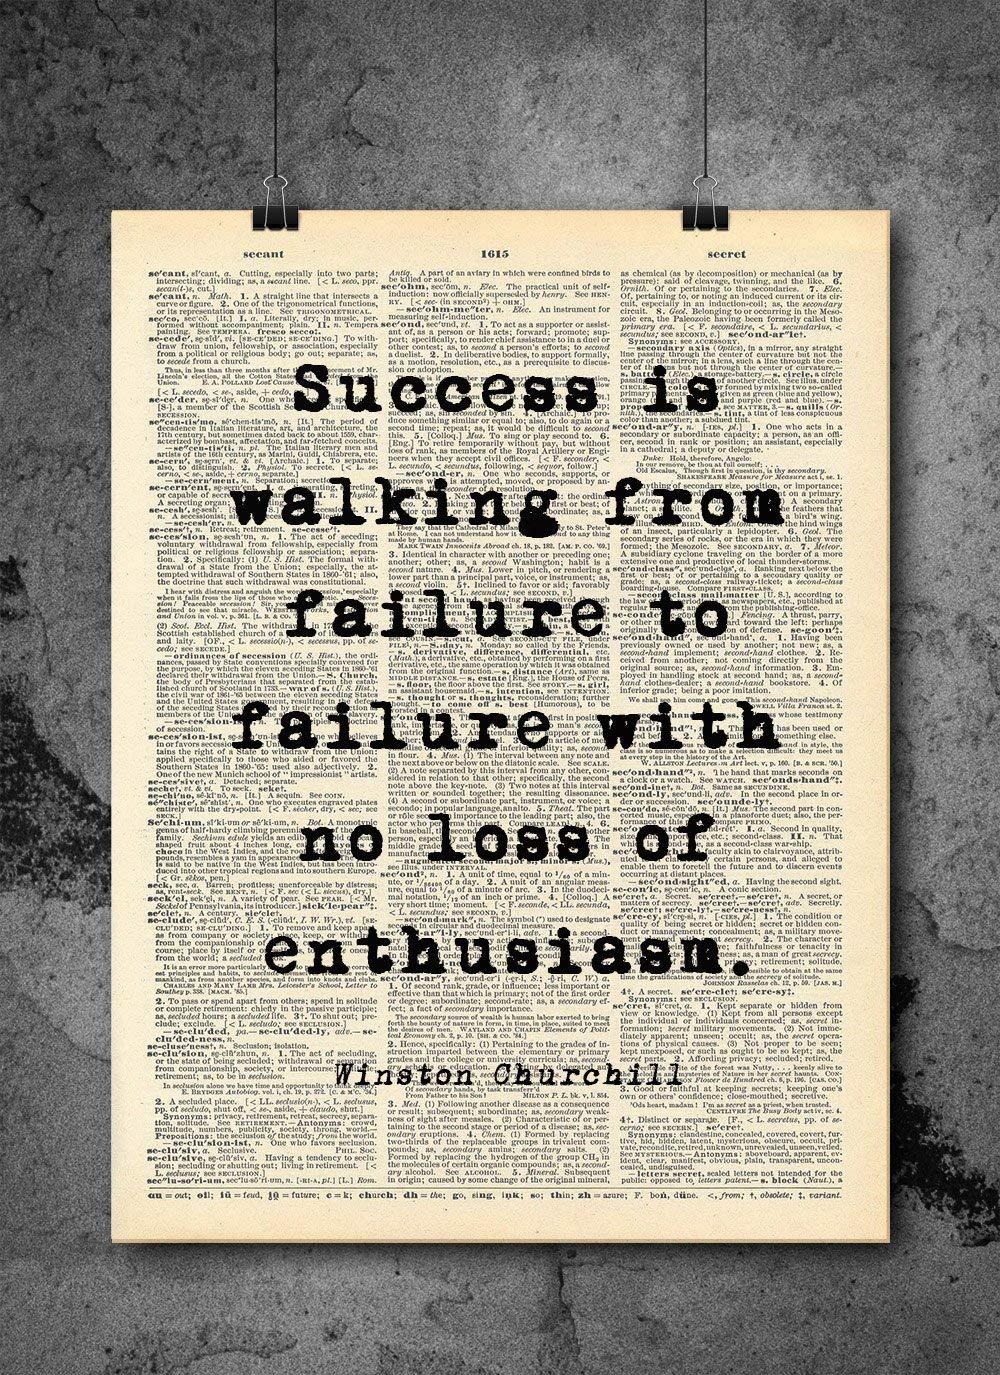 Winston Churchill Success Quote Dictionary - Print D El Paso Mall Vintage Dallas Mall Art